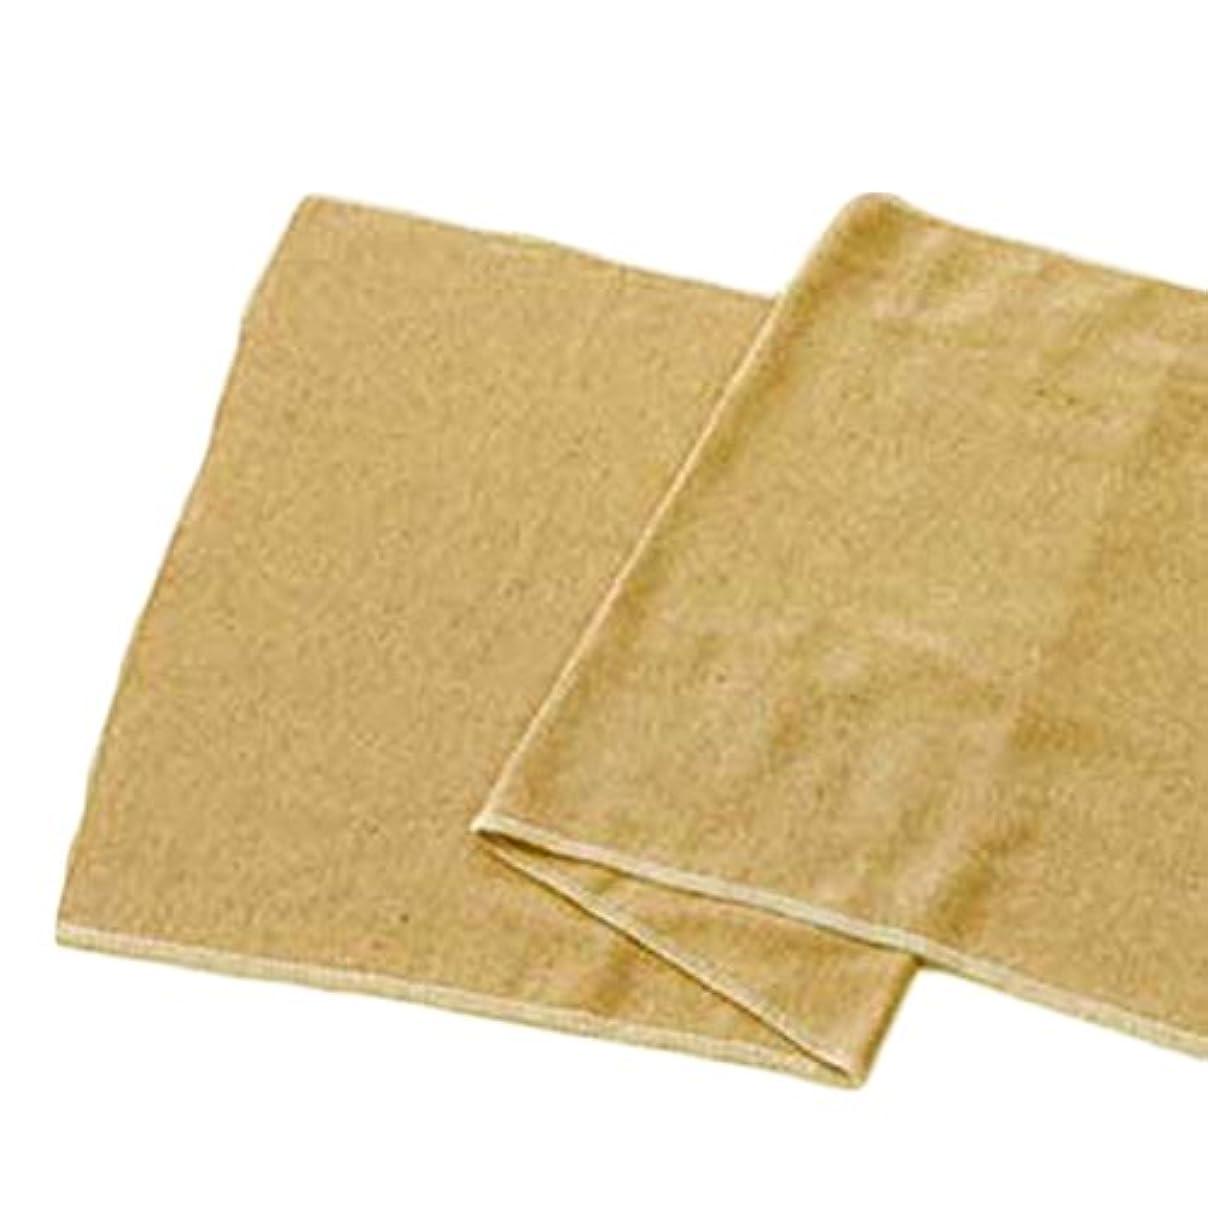 米ドルワークショップ宣伝オーガニックコットンの布ナプキン エコナプ 四方オーバー(フライス生地)